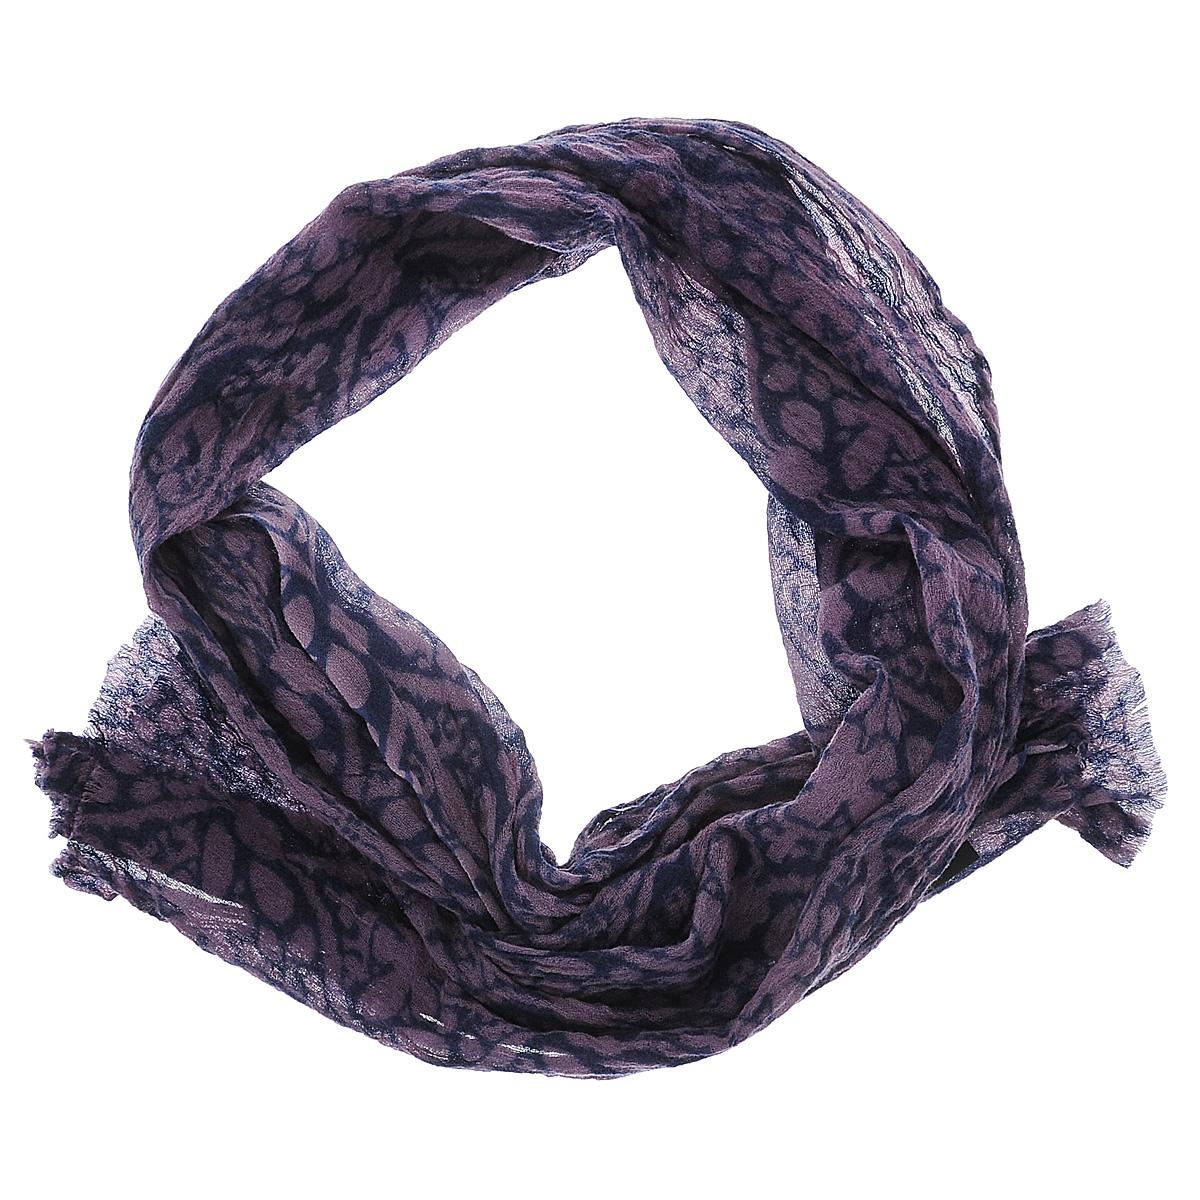 35001-02IЭлегантный женский шарф Moltini подчеркнет ваш неповторимый образ. Модель жатой фактуры выполнена из мягкой натуральной шерсти и оформлена оригинальным узором. Края шарфа декорированы тонкой бахромой. Этот модный аксессуар женского гардероба гармонично дополнит образ современной женщины, следящей за своим имиджем и стремящейся всегда оставаться стильной и женственной.